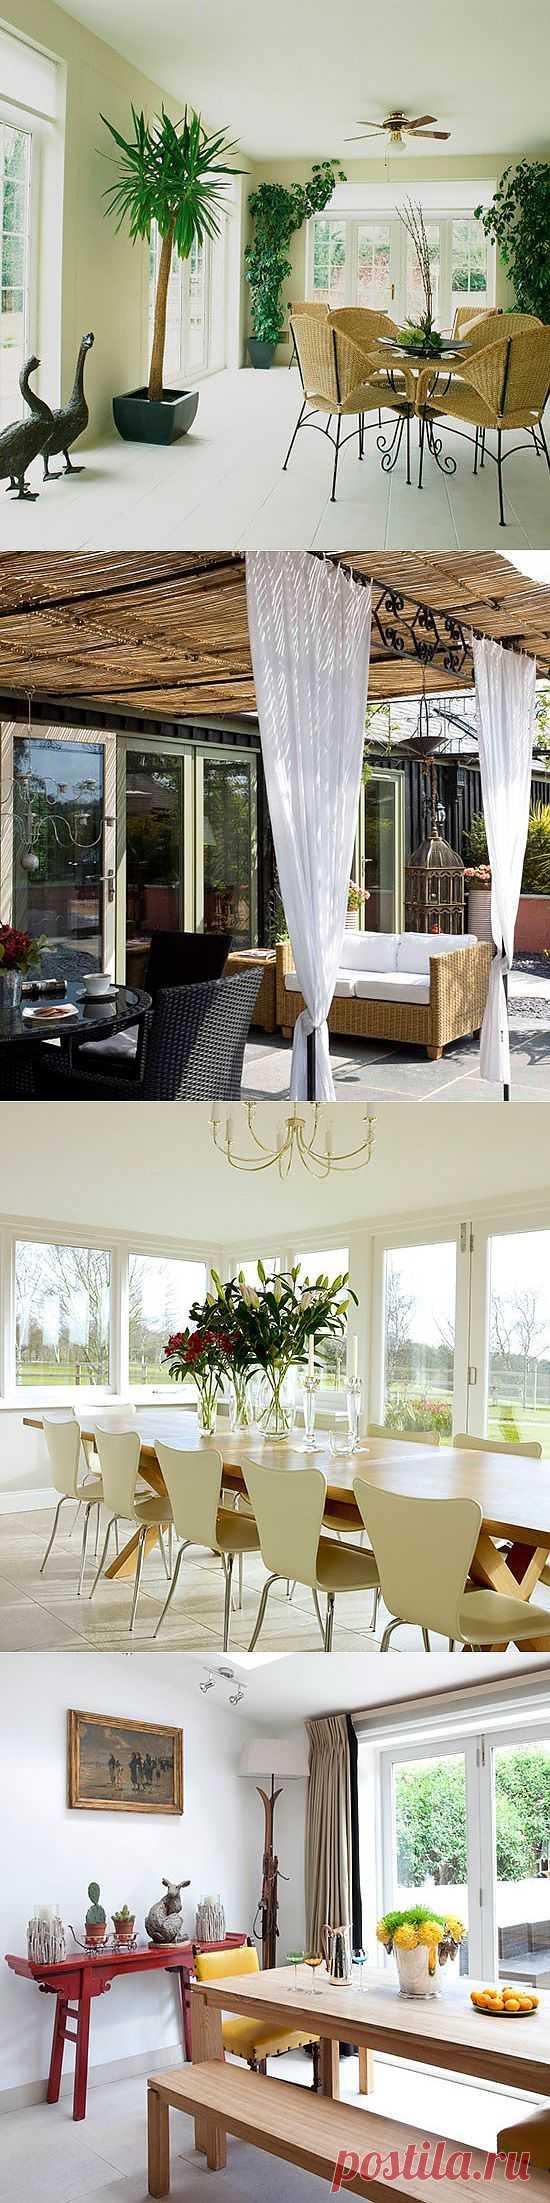 Нейтральные минимальные гостиные - Современные представления | housetohome.co.uk